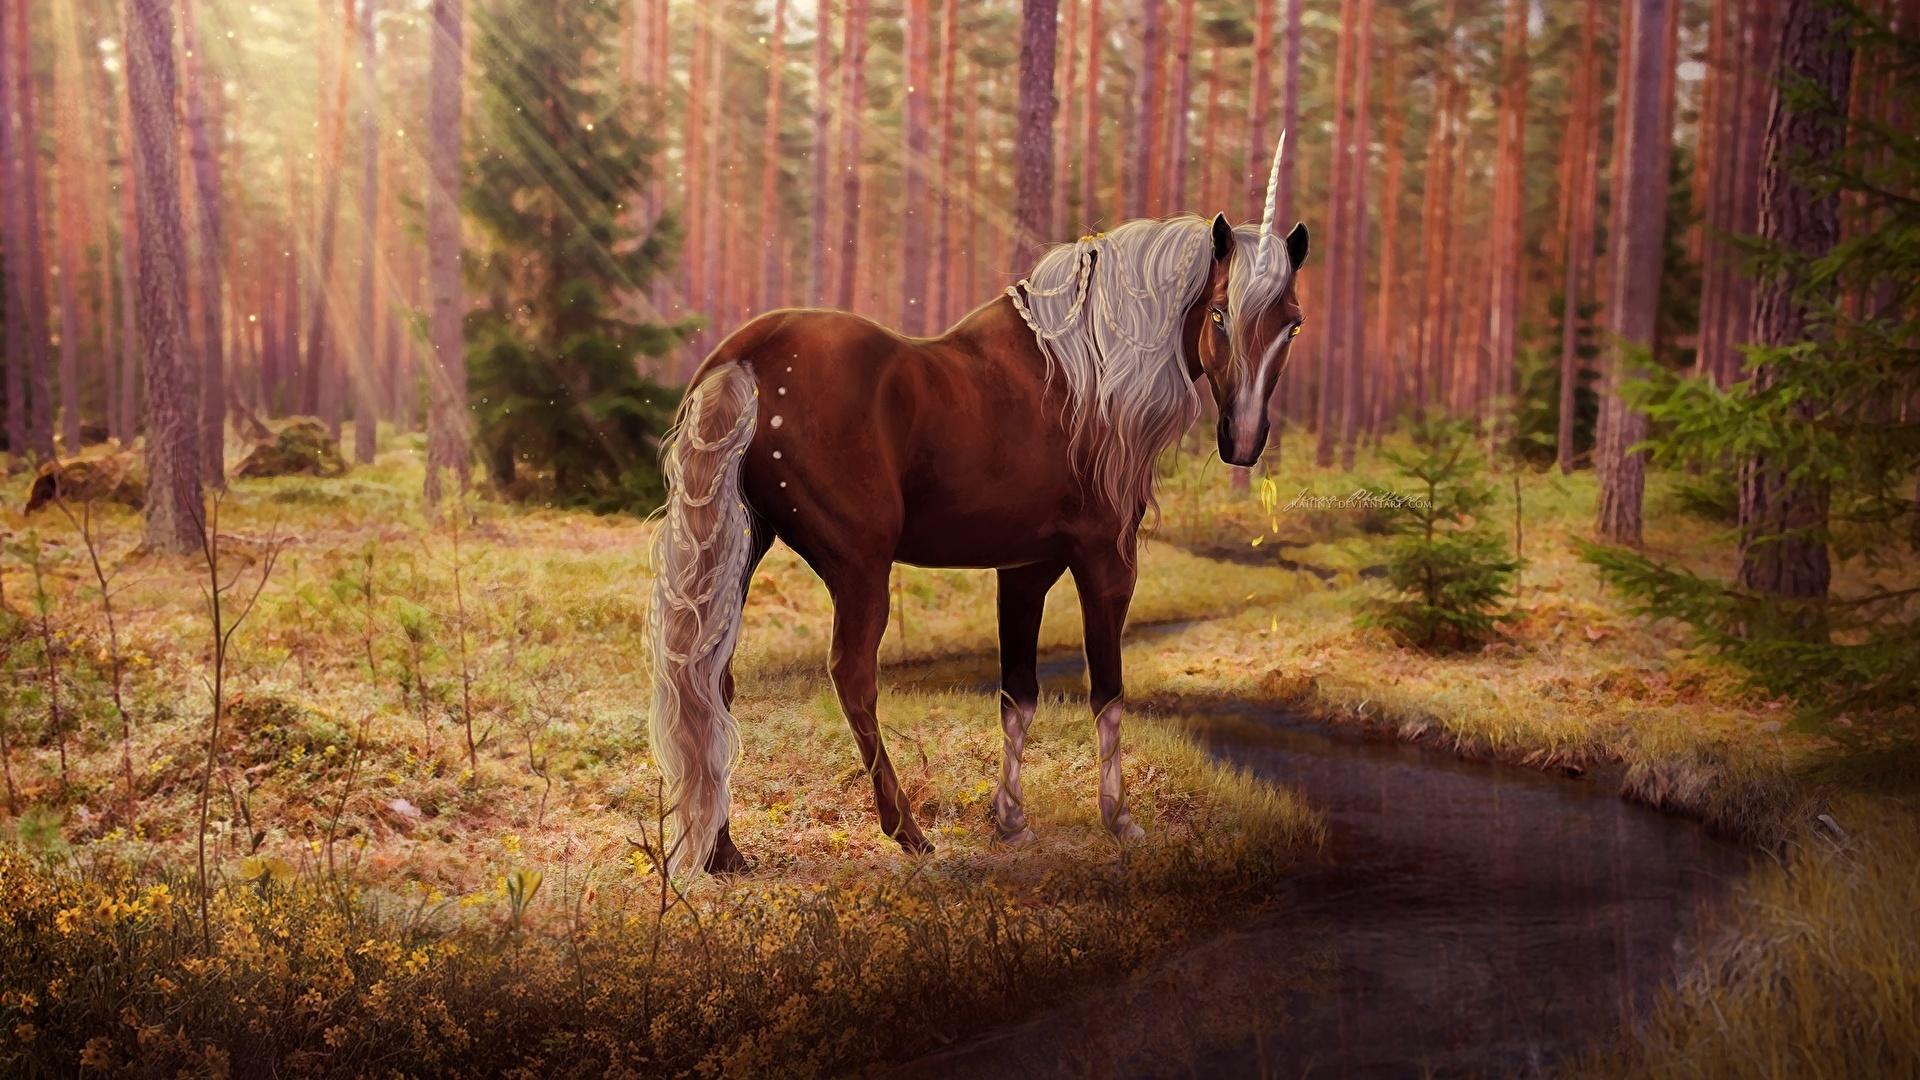 Magic Horses wallpaper for desktop